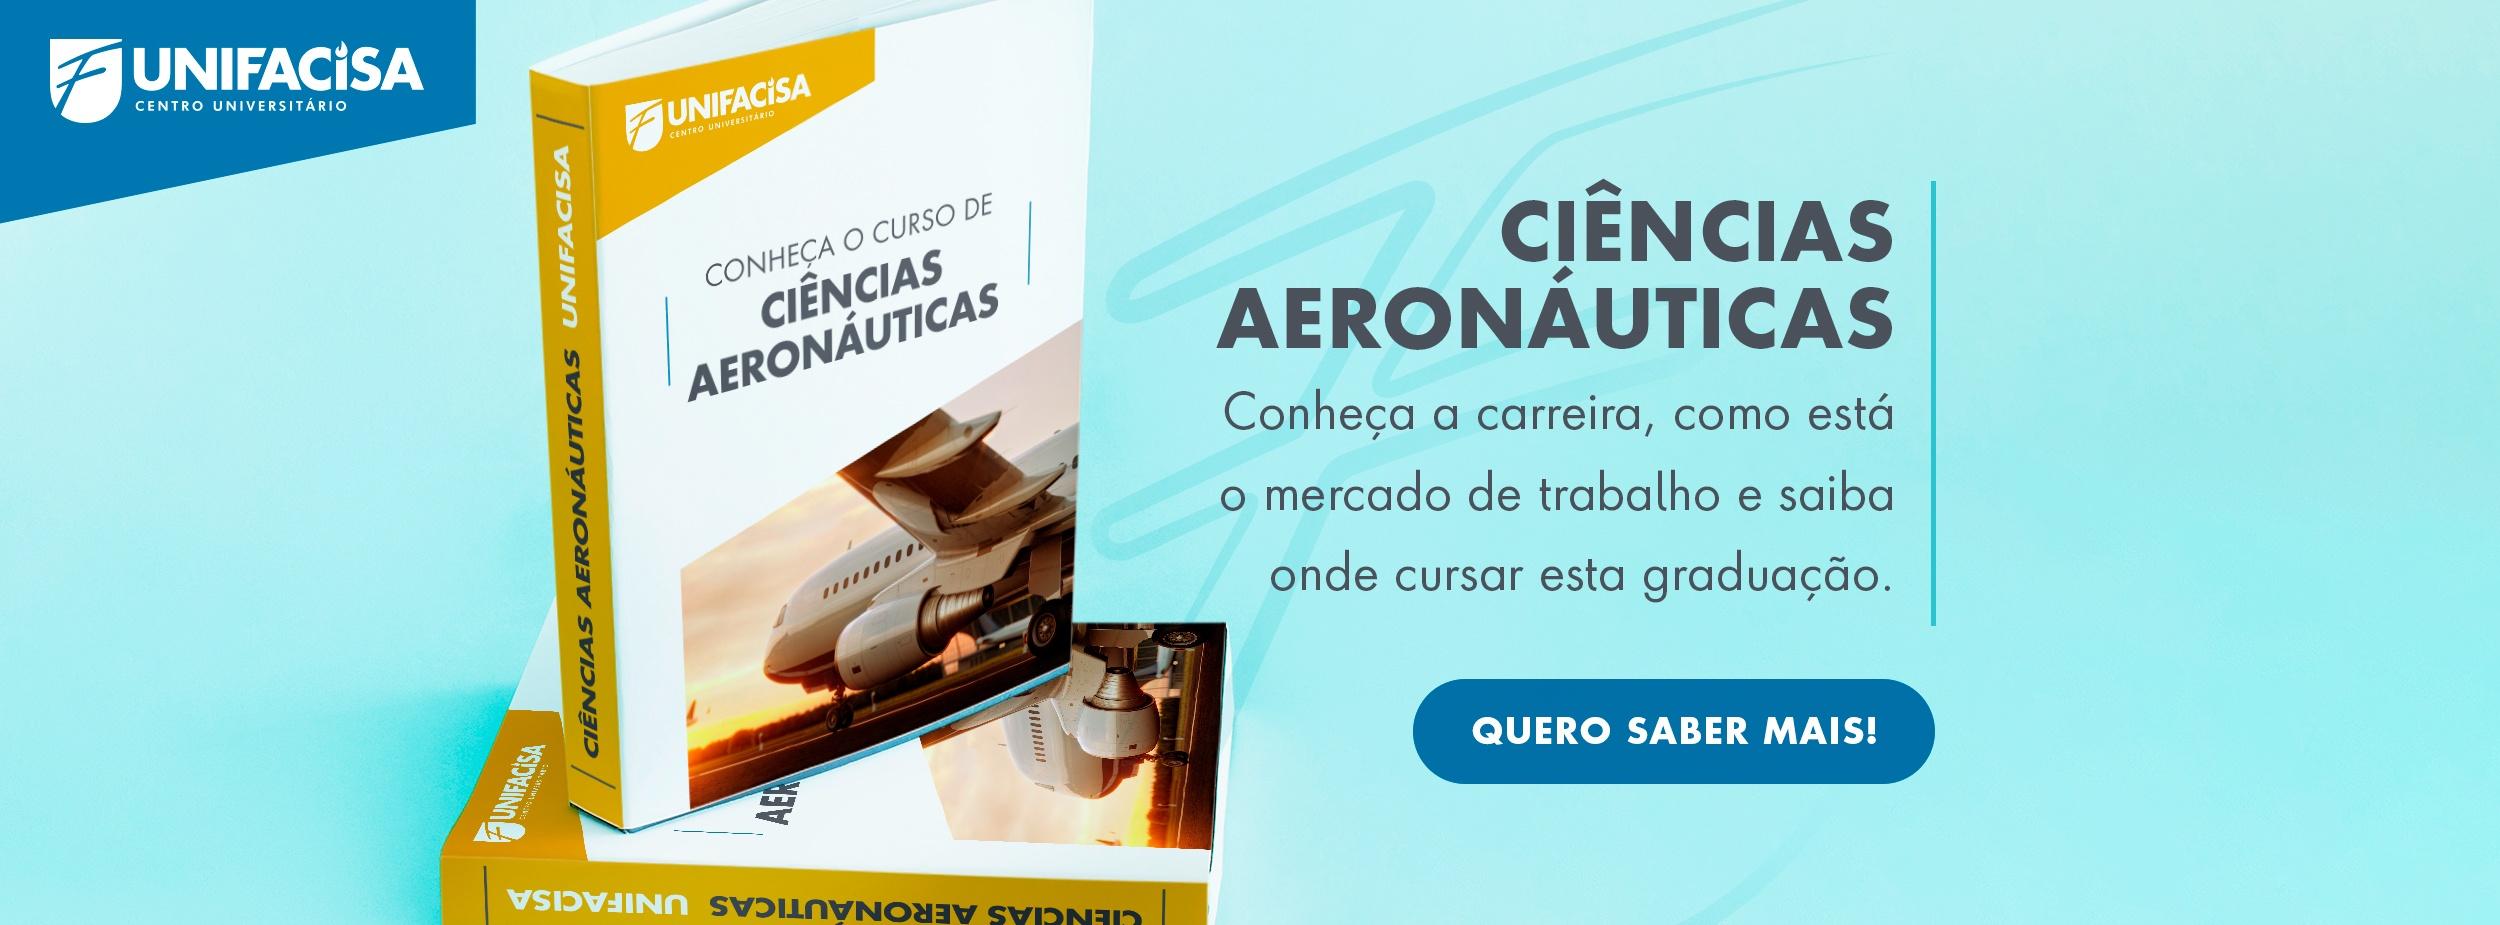 Ciências Aeronáuticas